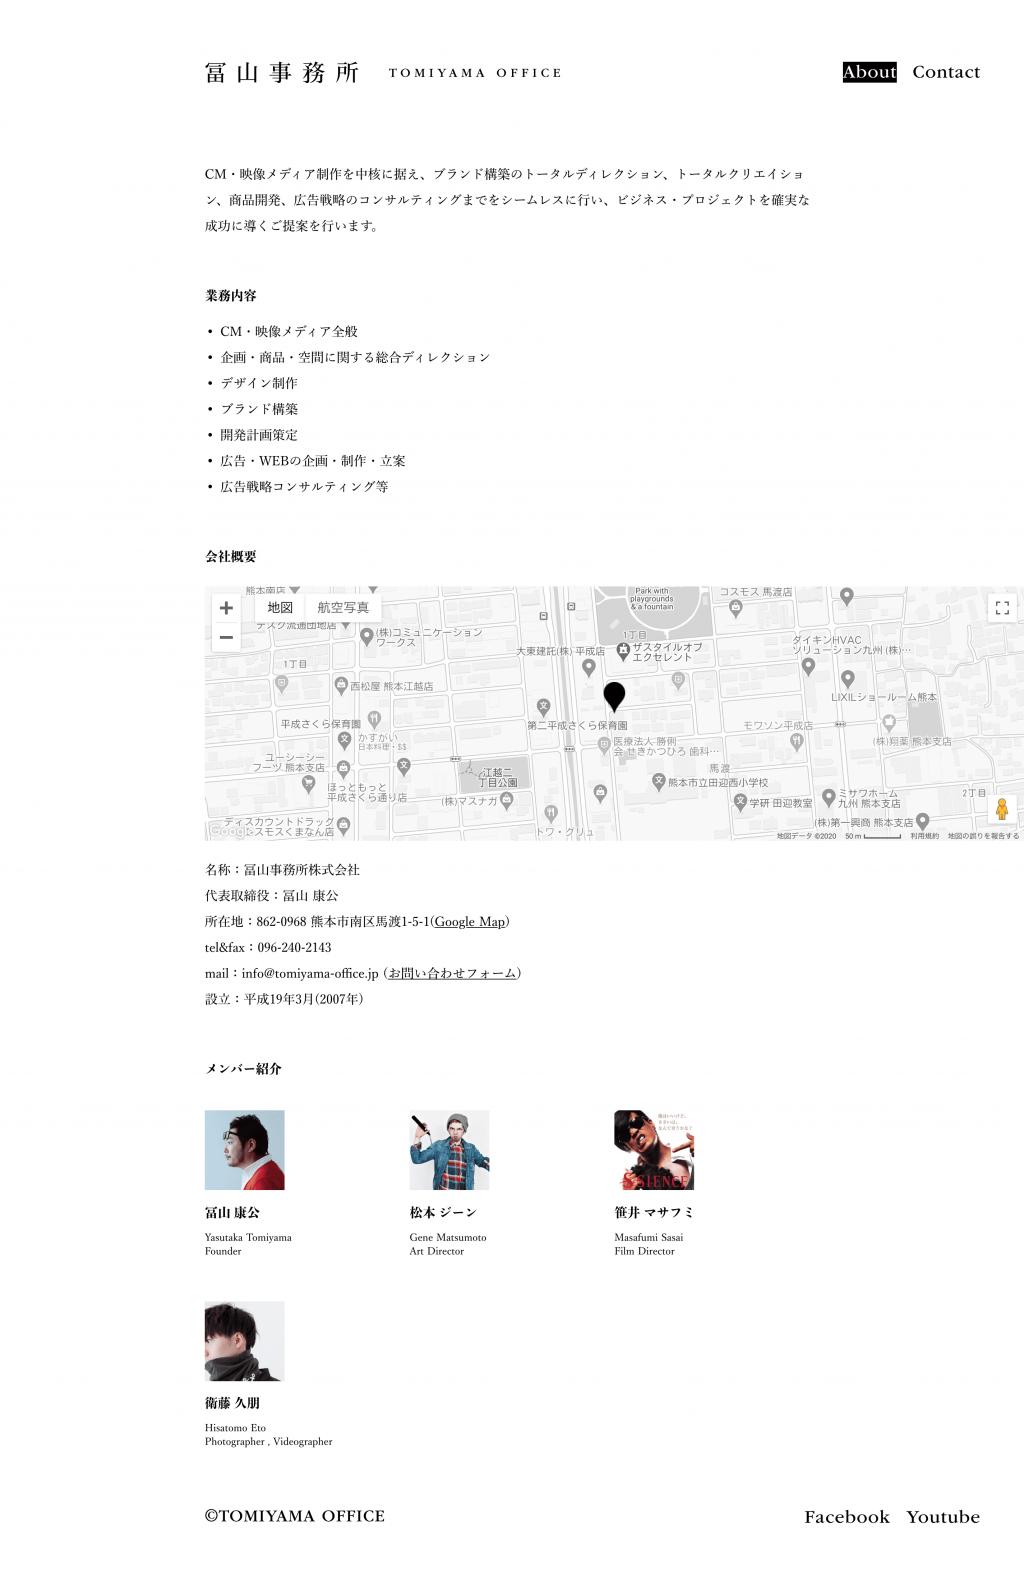 冨山事務所サイトのパソコン表示